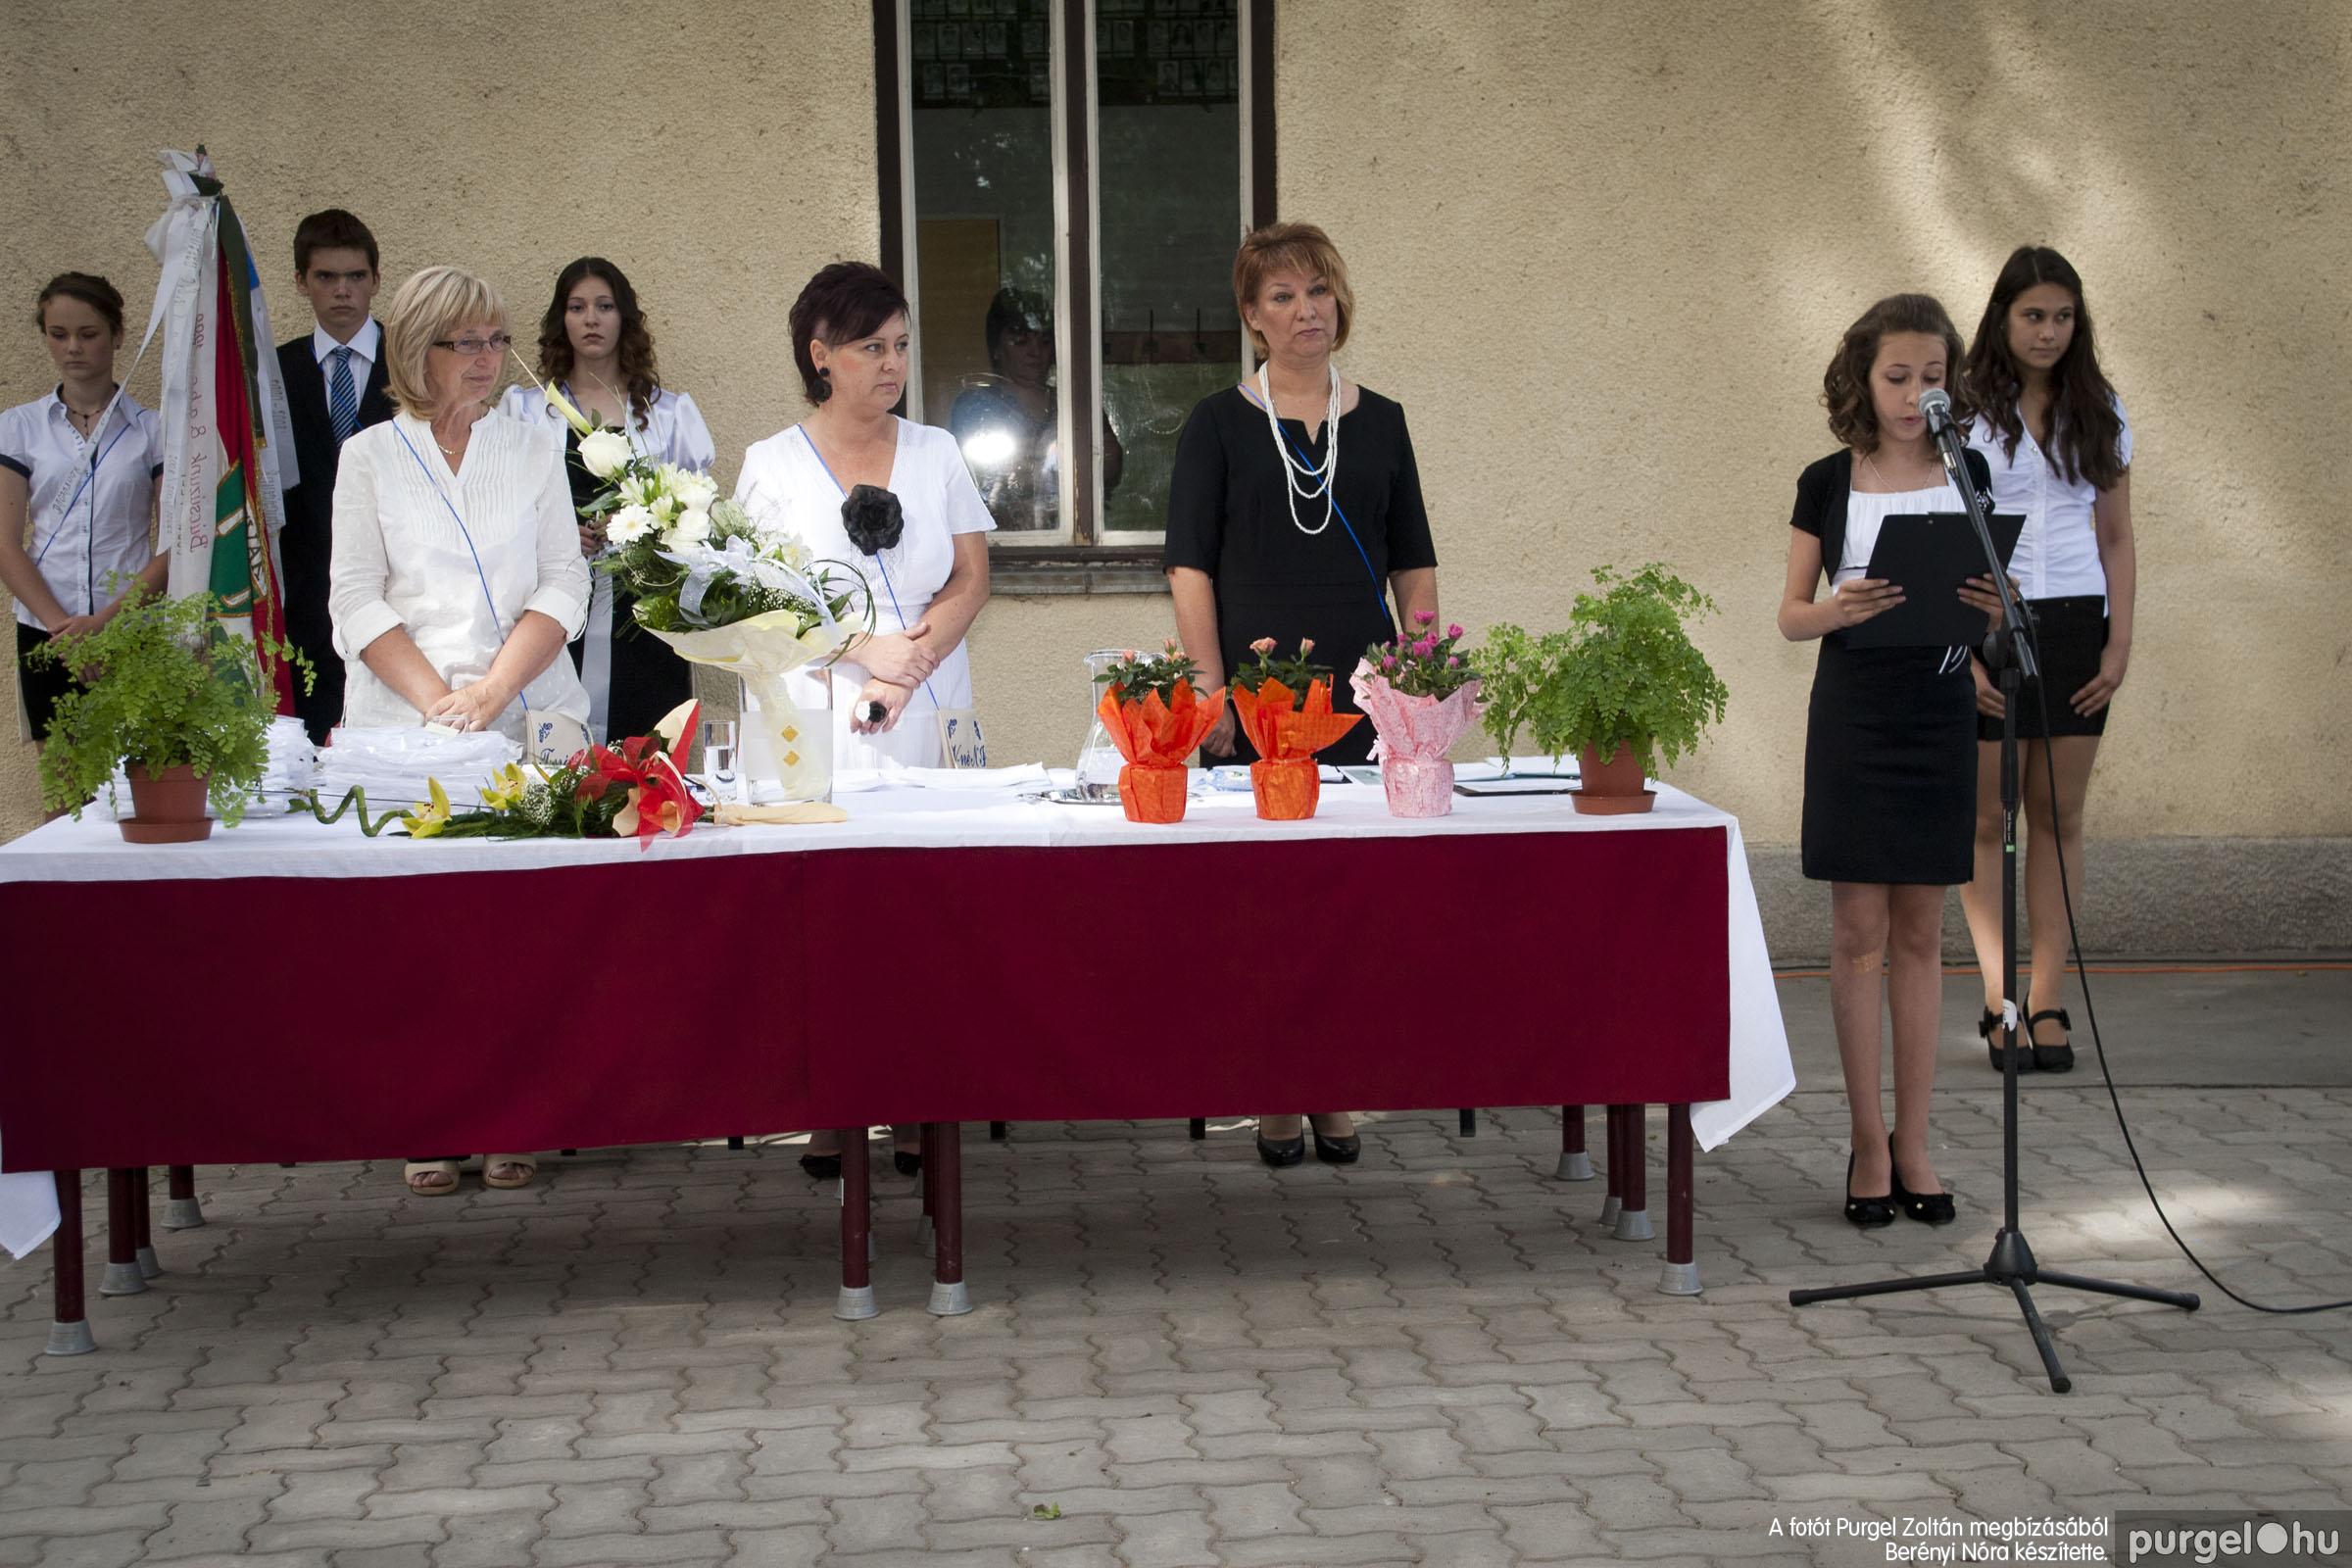 2014.06.14. 144 Forray Máté Általános Iskola ballagás 2014. - Fotó:BERÉNYI NÓRA© _MG_5749.jpg